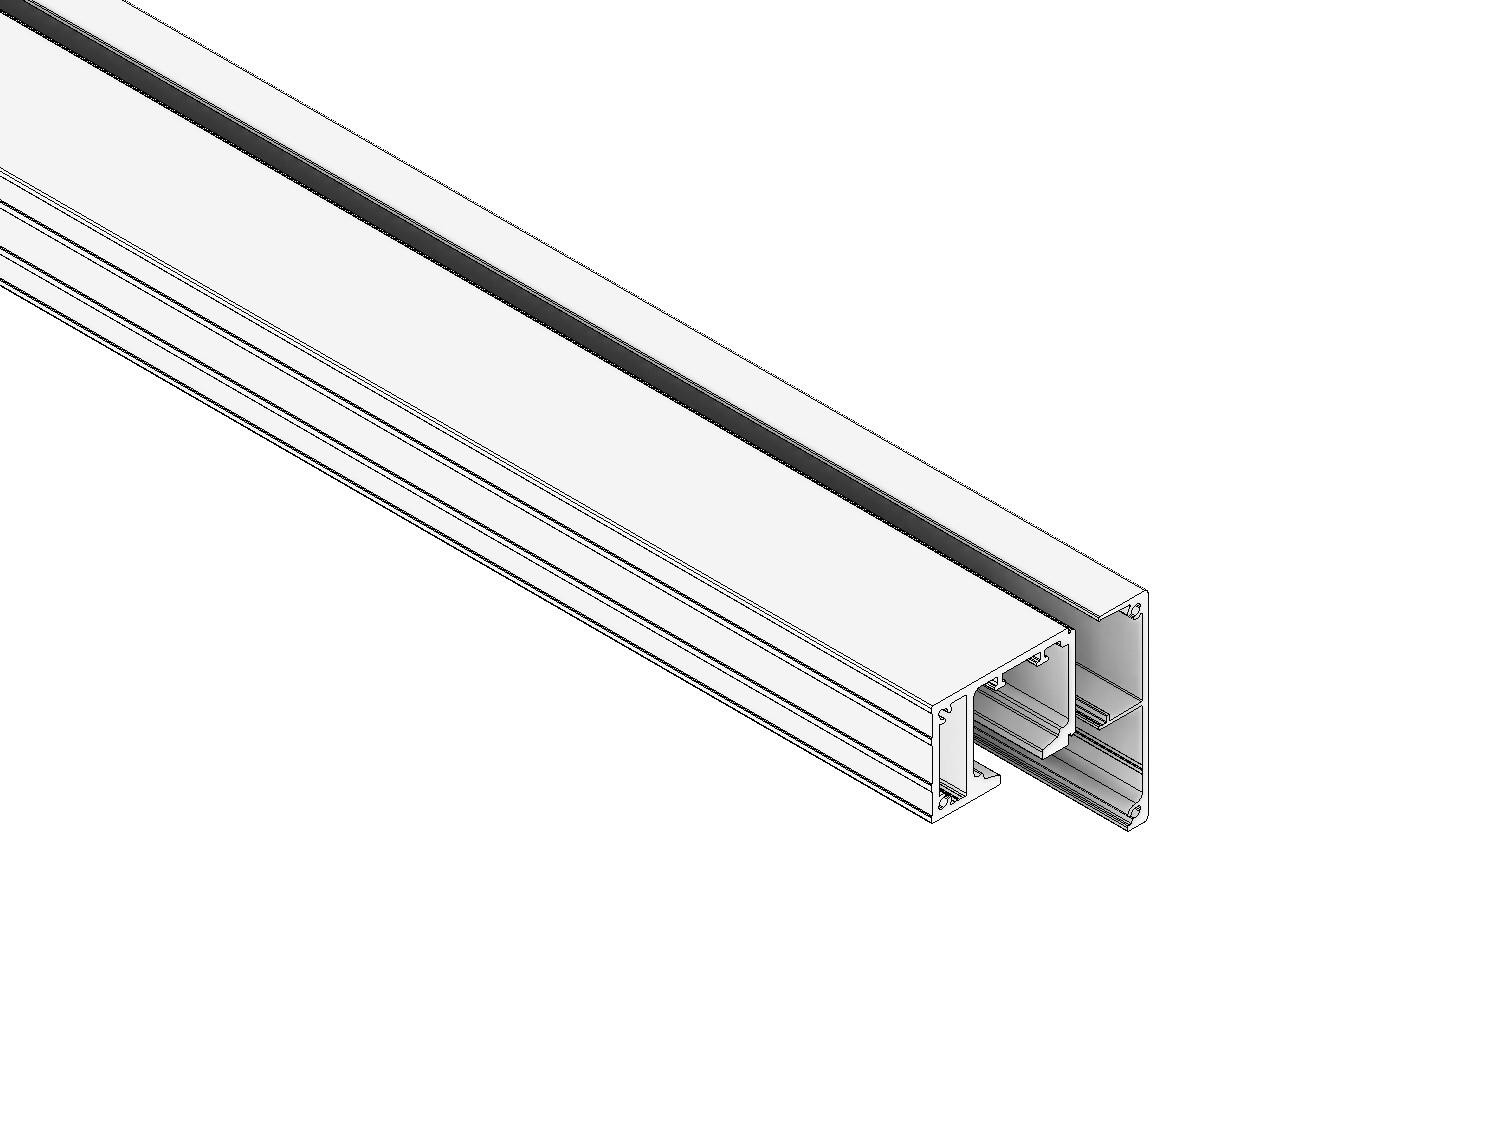 1-läufiges Schienen-Set 47 mm vdW. in Alu eloxiert (hängend)